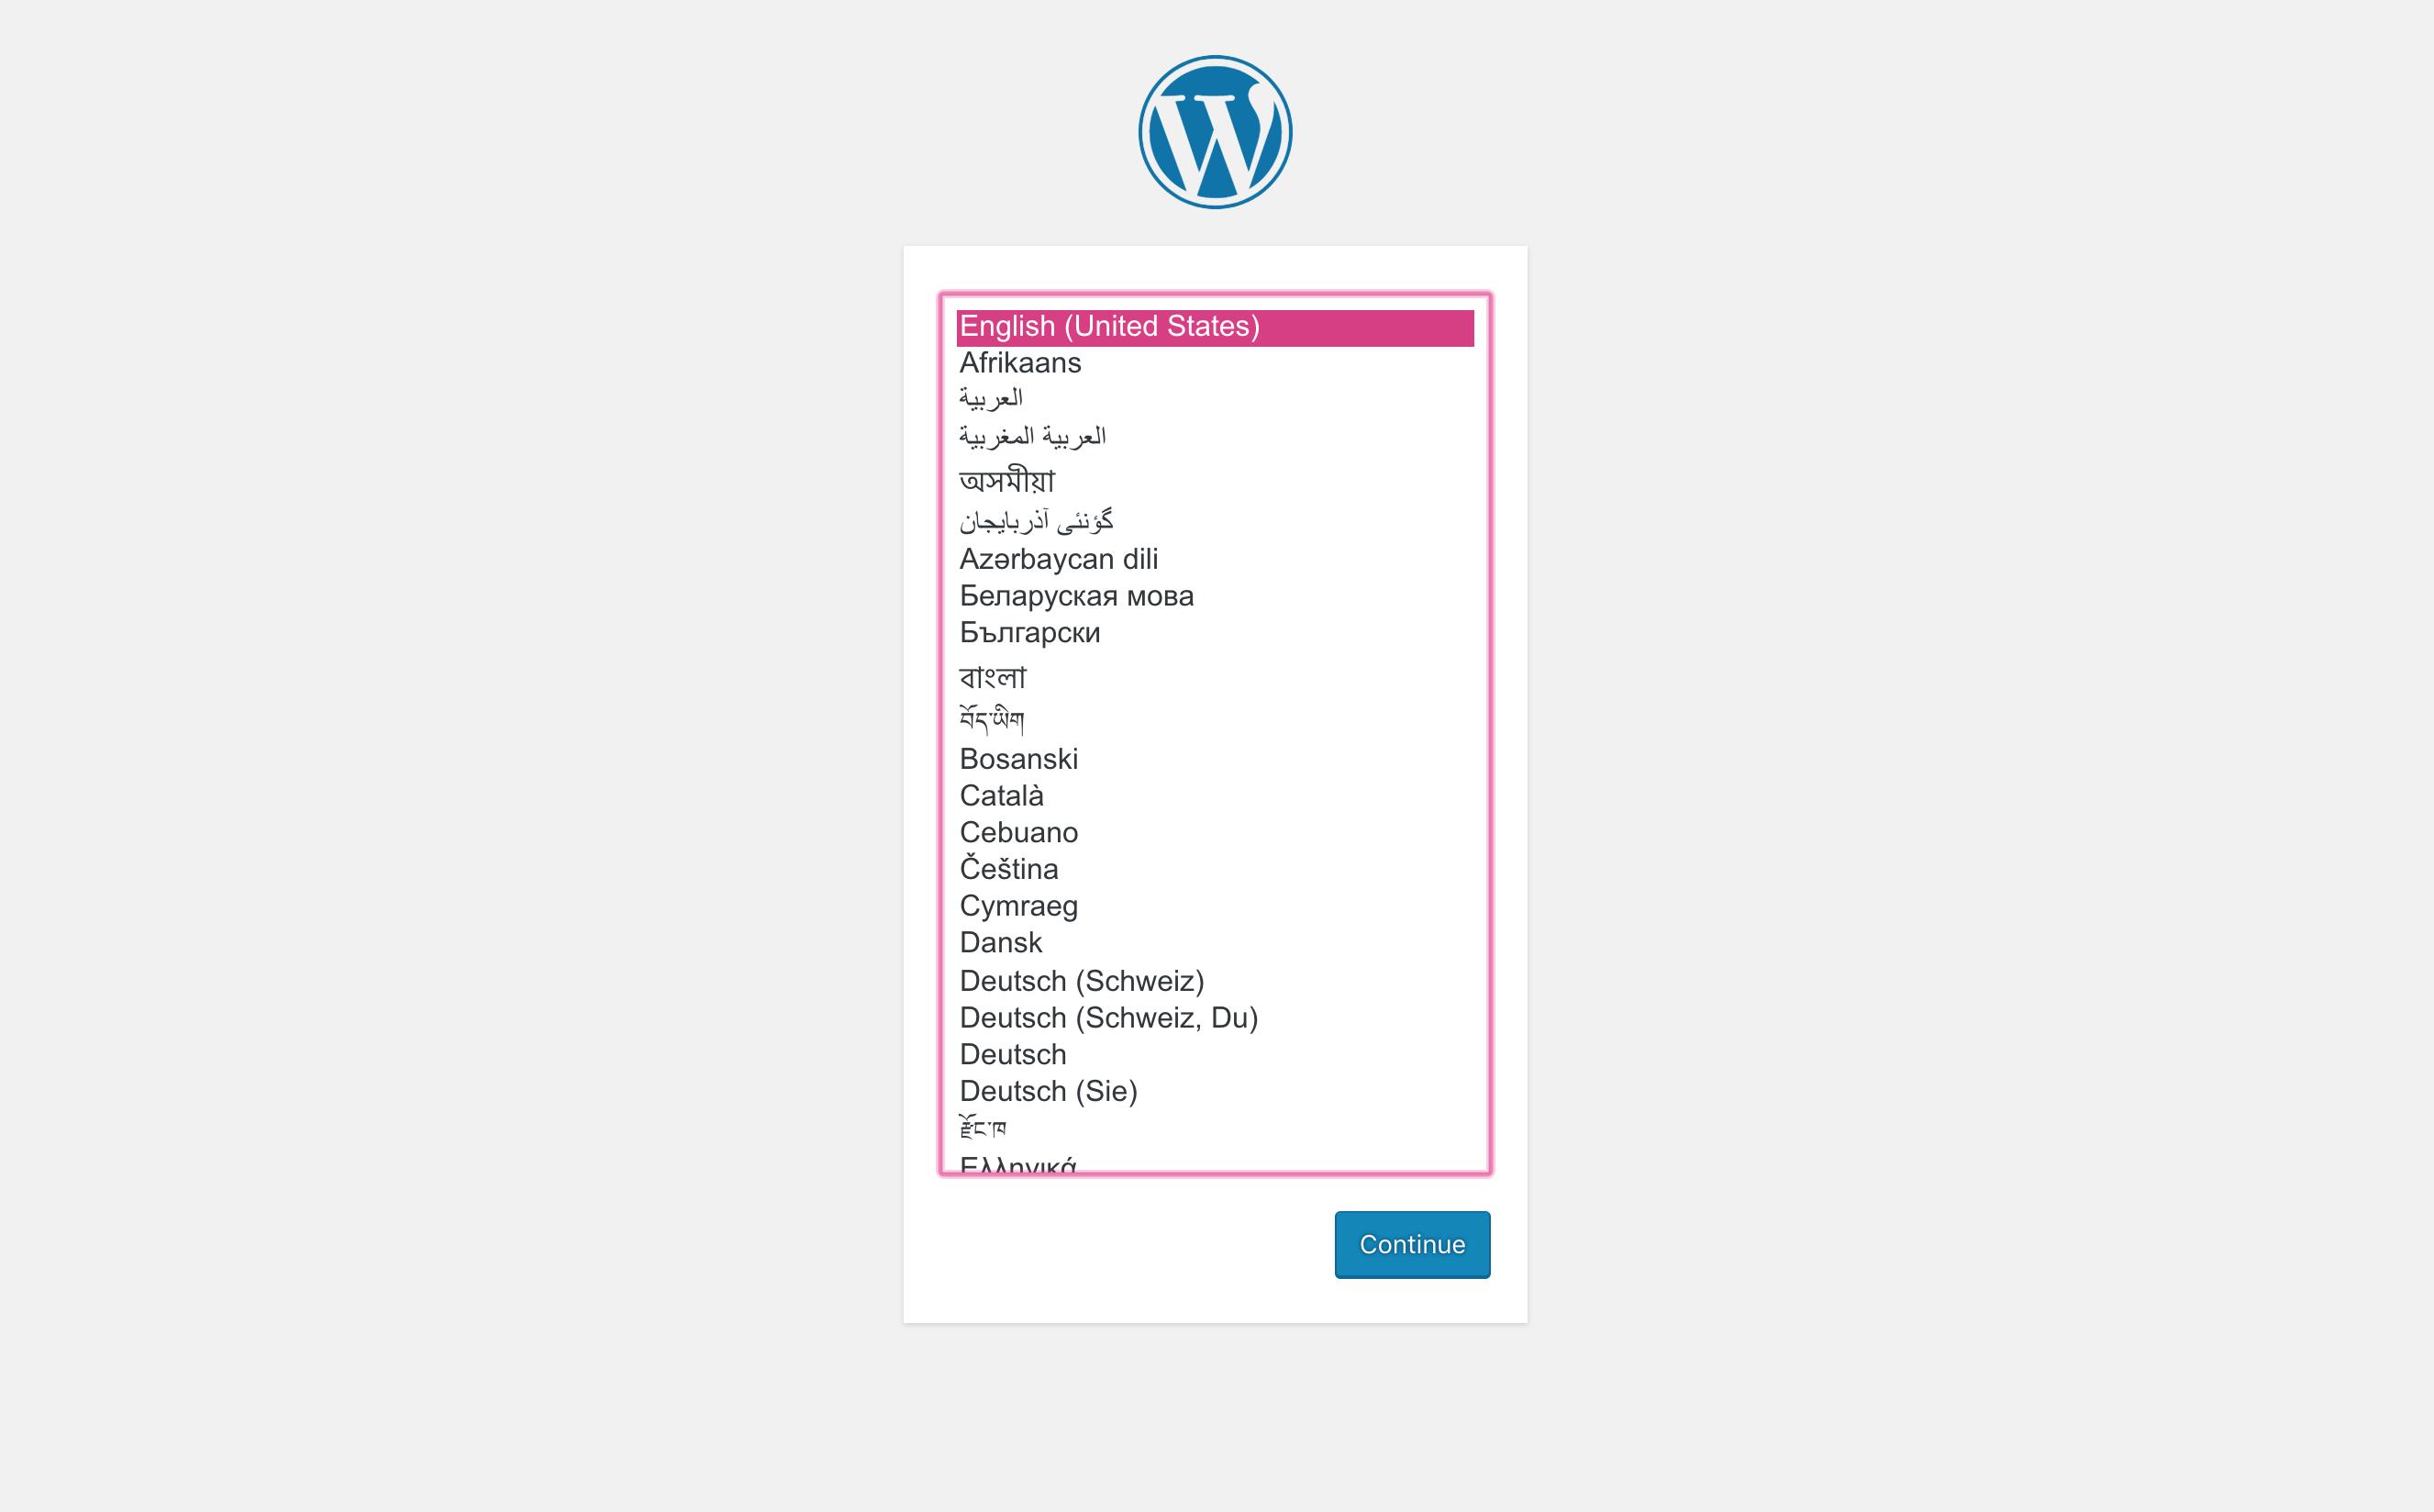 用 Docker Compose 快速生成一個 WordPress 網站(筆記,無細節說明)